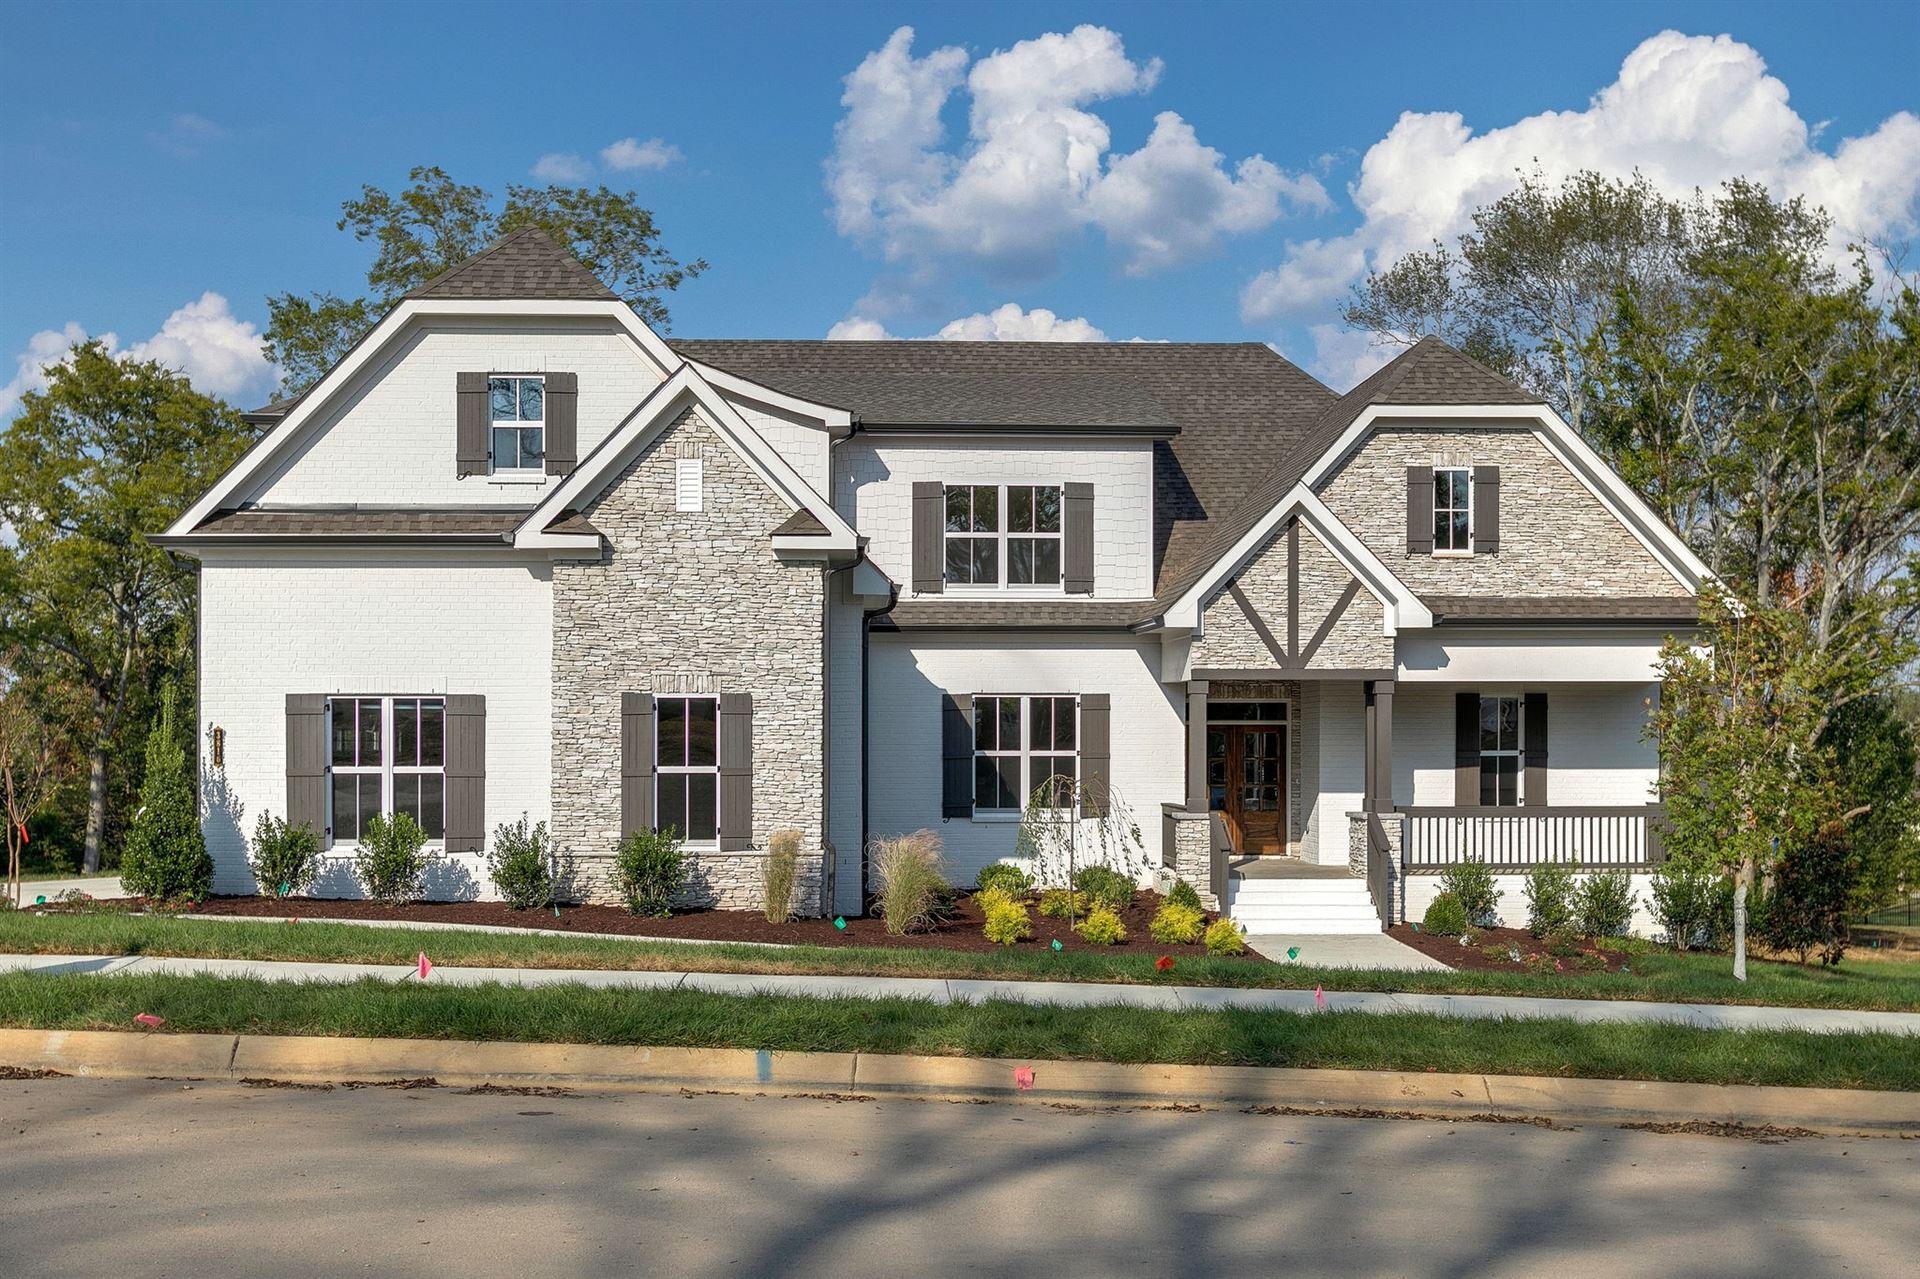 Photo of 4355 Tom Lunn Rd Lot 86, Spring Hill, TN 37174 (MLS # 2169605)